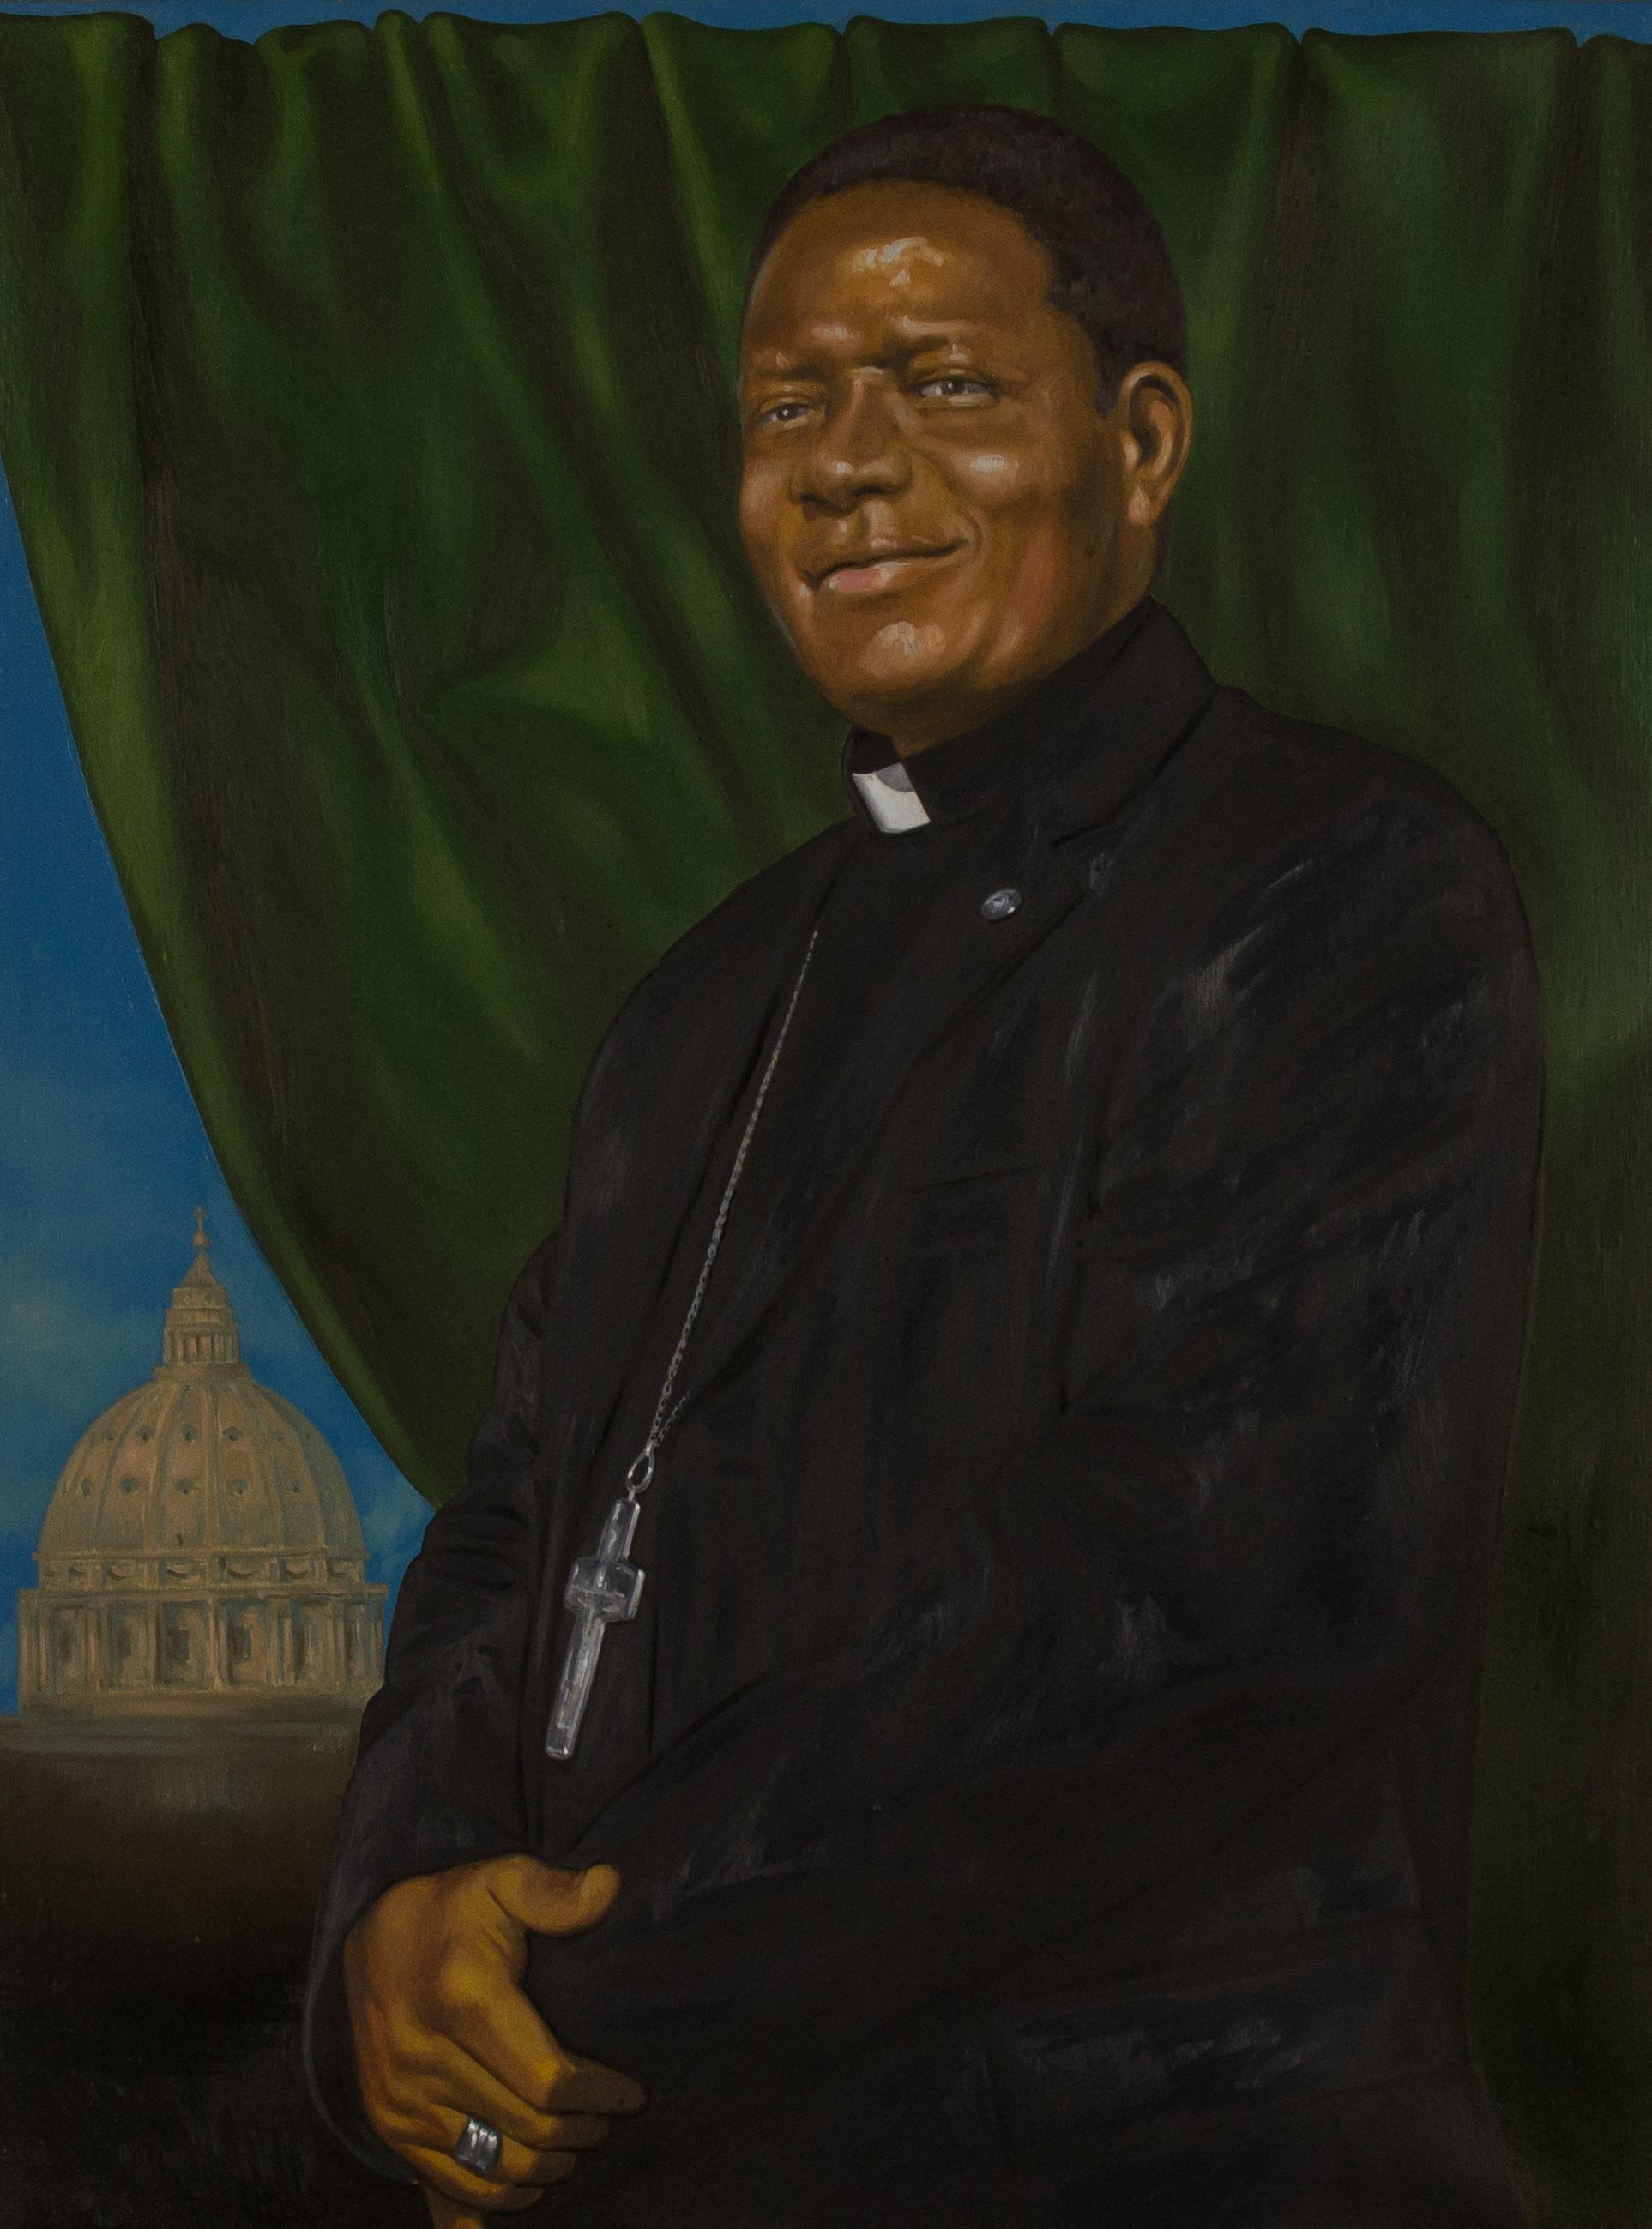 Ritratto di Mons. Godfrey I. Onah, vescovo di Nsukka - Nigeria , olio su tela, cm 80x60, 2014